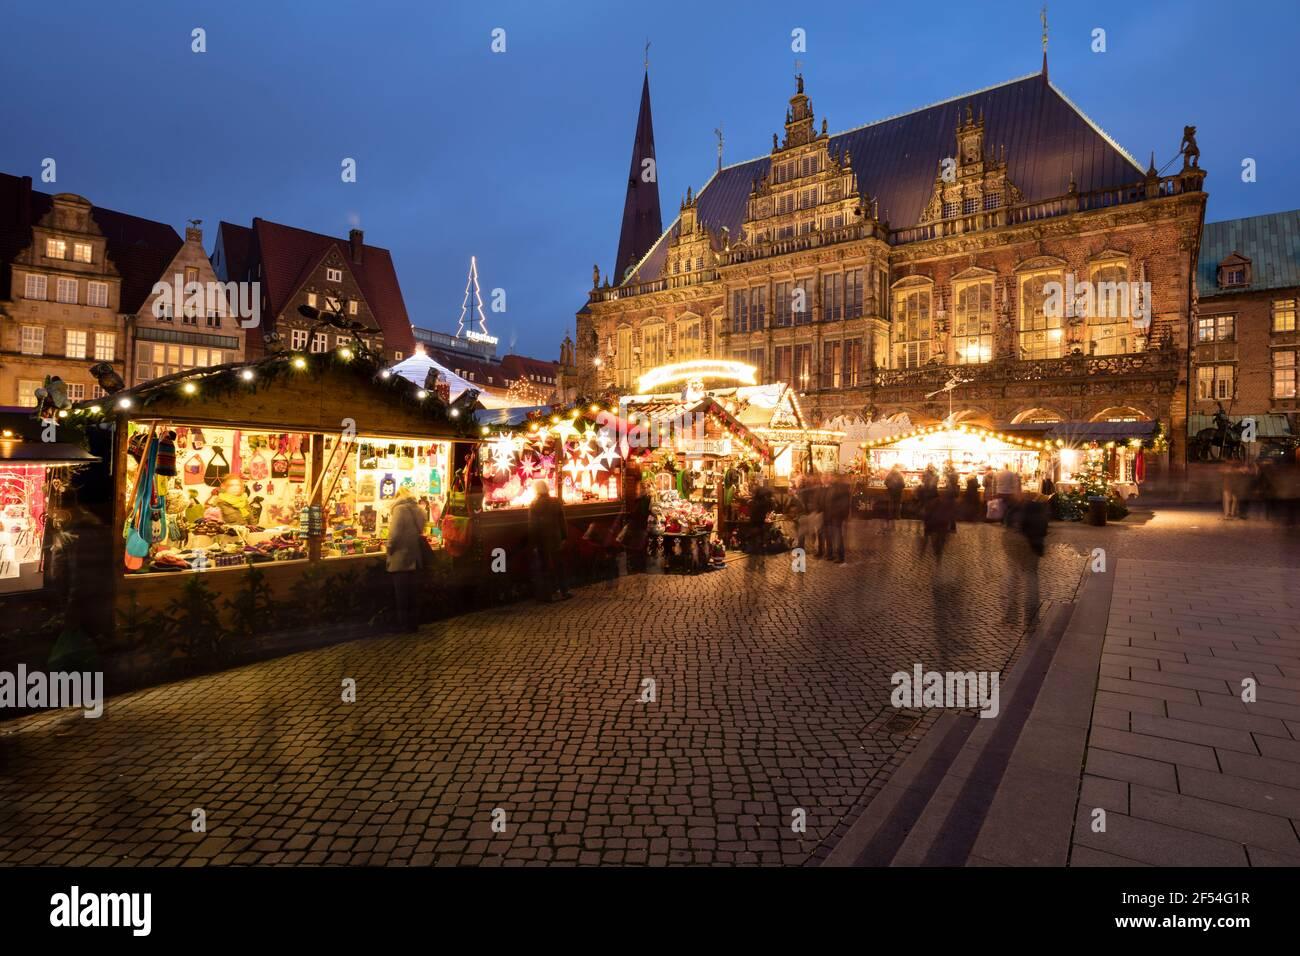 Geografia / viaggio, Germania, Brema, mercato, municipio, Mercatino di Natale, Additional-Rights-Clearance-Info-non-disponibile Foto Stock